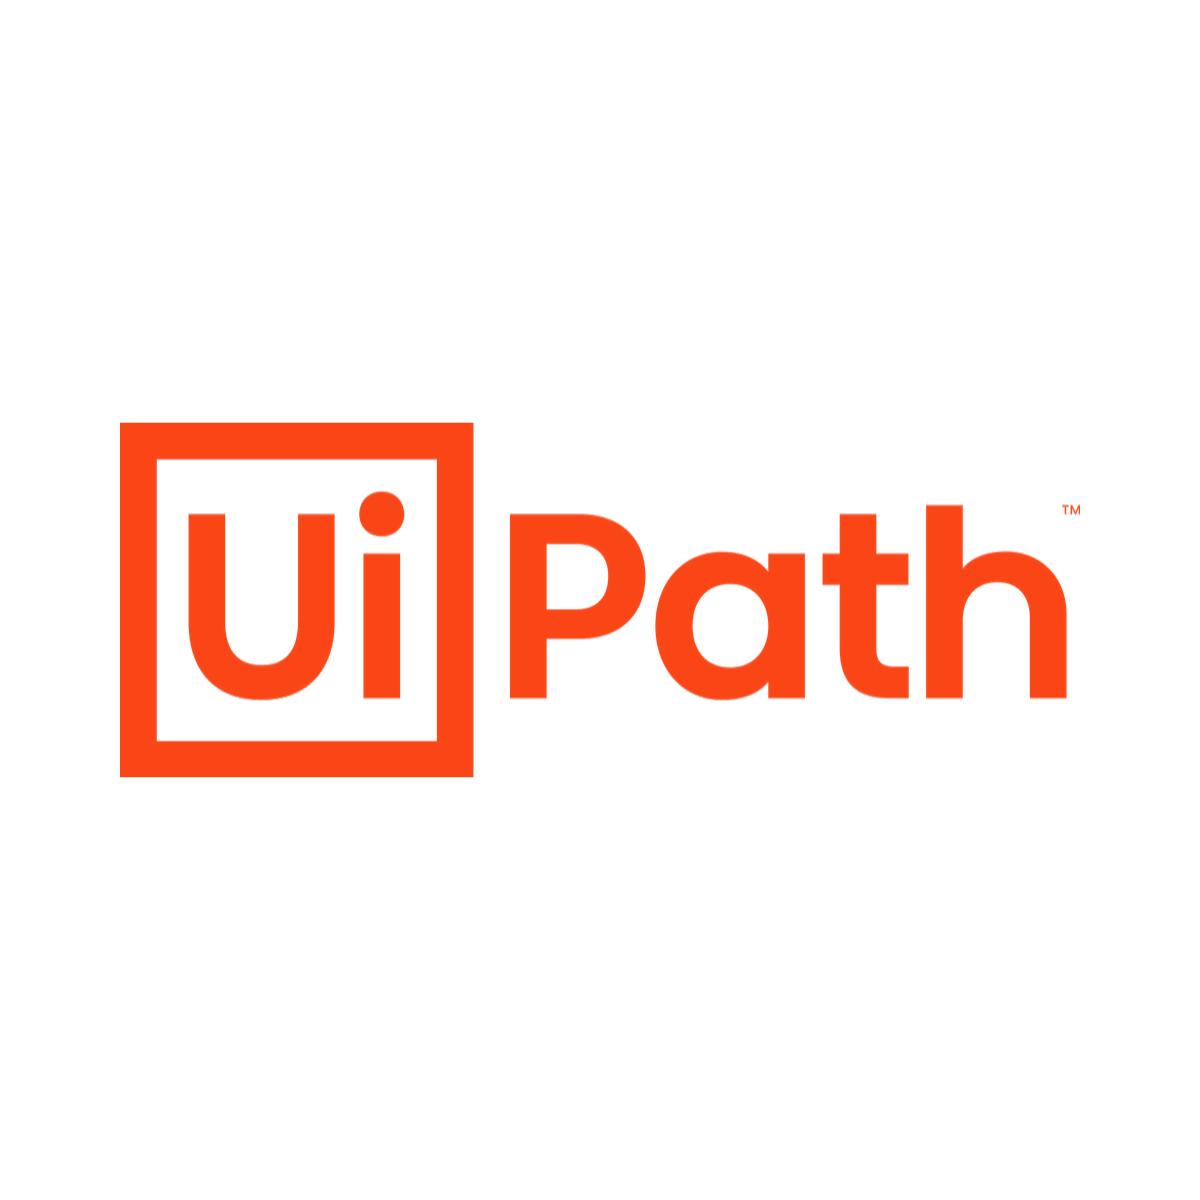 UiPath, UiPath